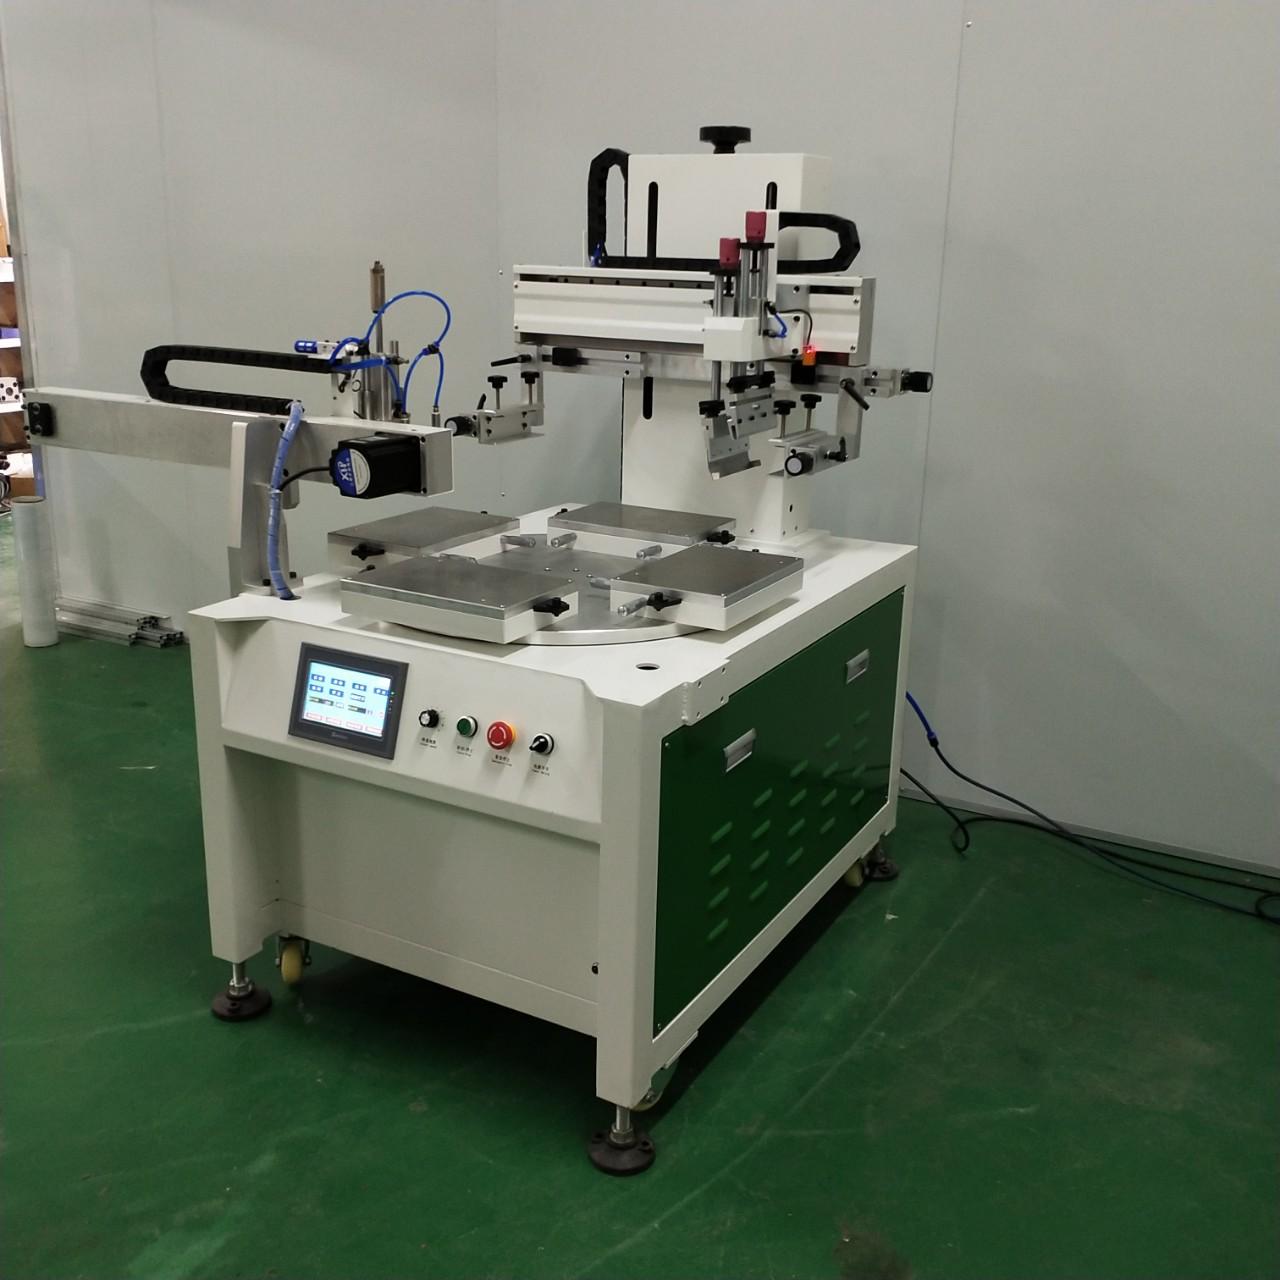 骏晖 浙江生产厂家直供锯条锯片丝印机 玻璃薄膜片材双色转盘丝印机